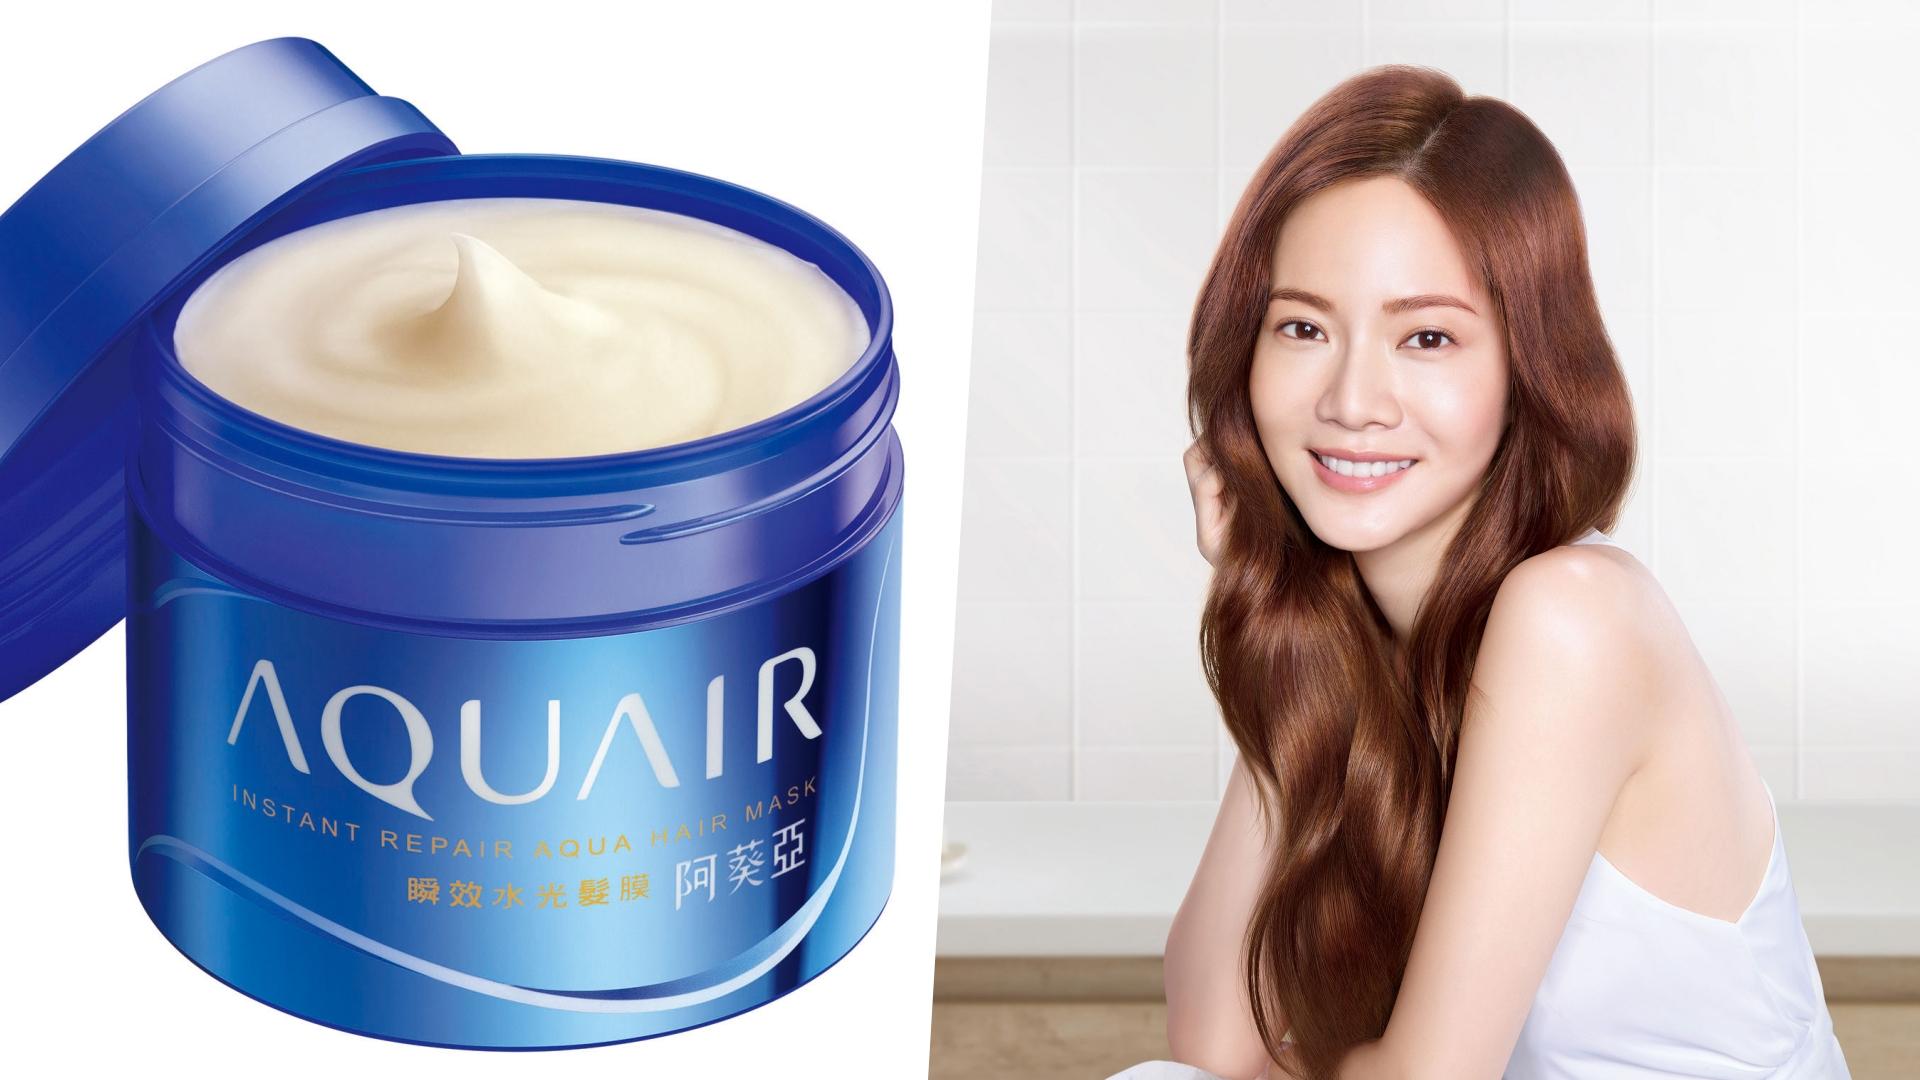 日本專為台灣研發的「阿葵亞 瞬效水光髮膜」,內含8大美容精華、搭配微分子浸透技術,瞬效吸收,髮絲輕盈不黏膩